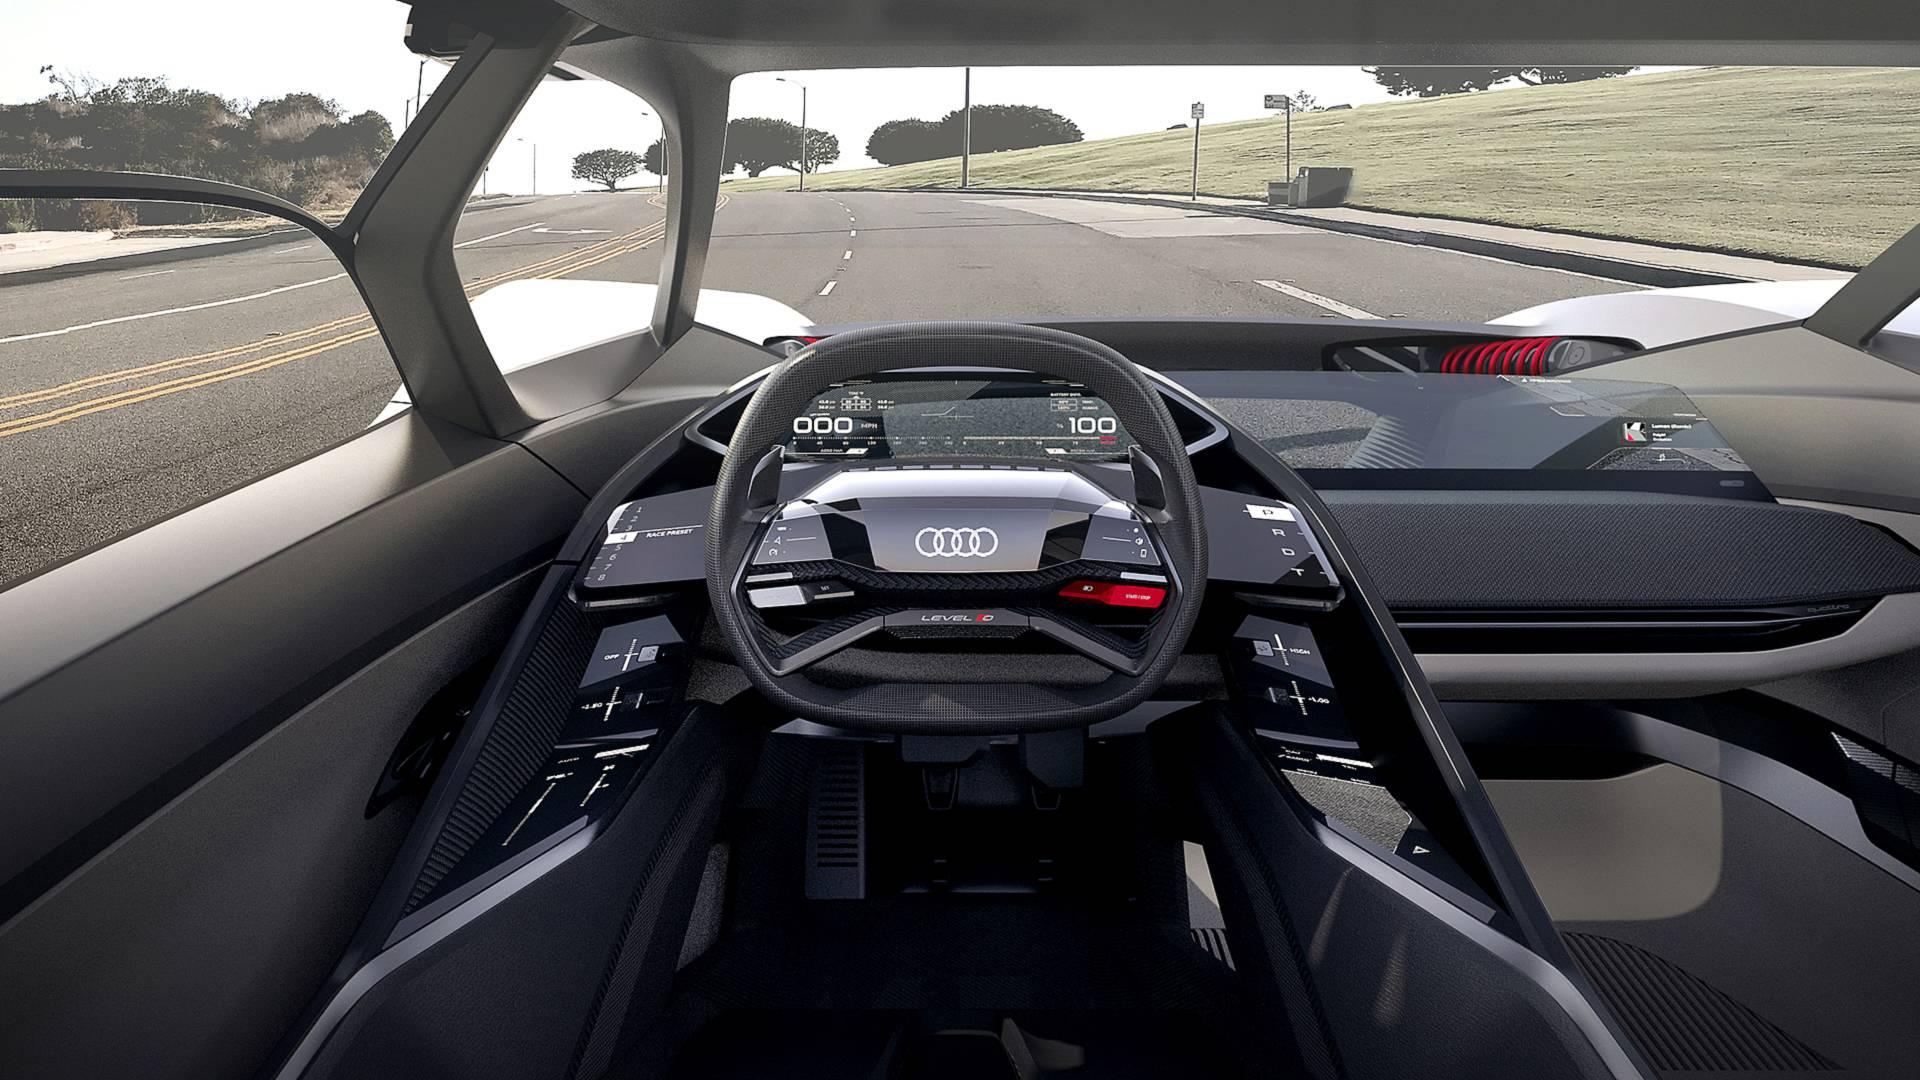 Audi PB18 E-tron concept cabin